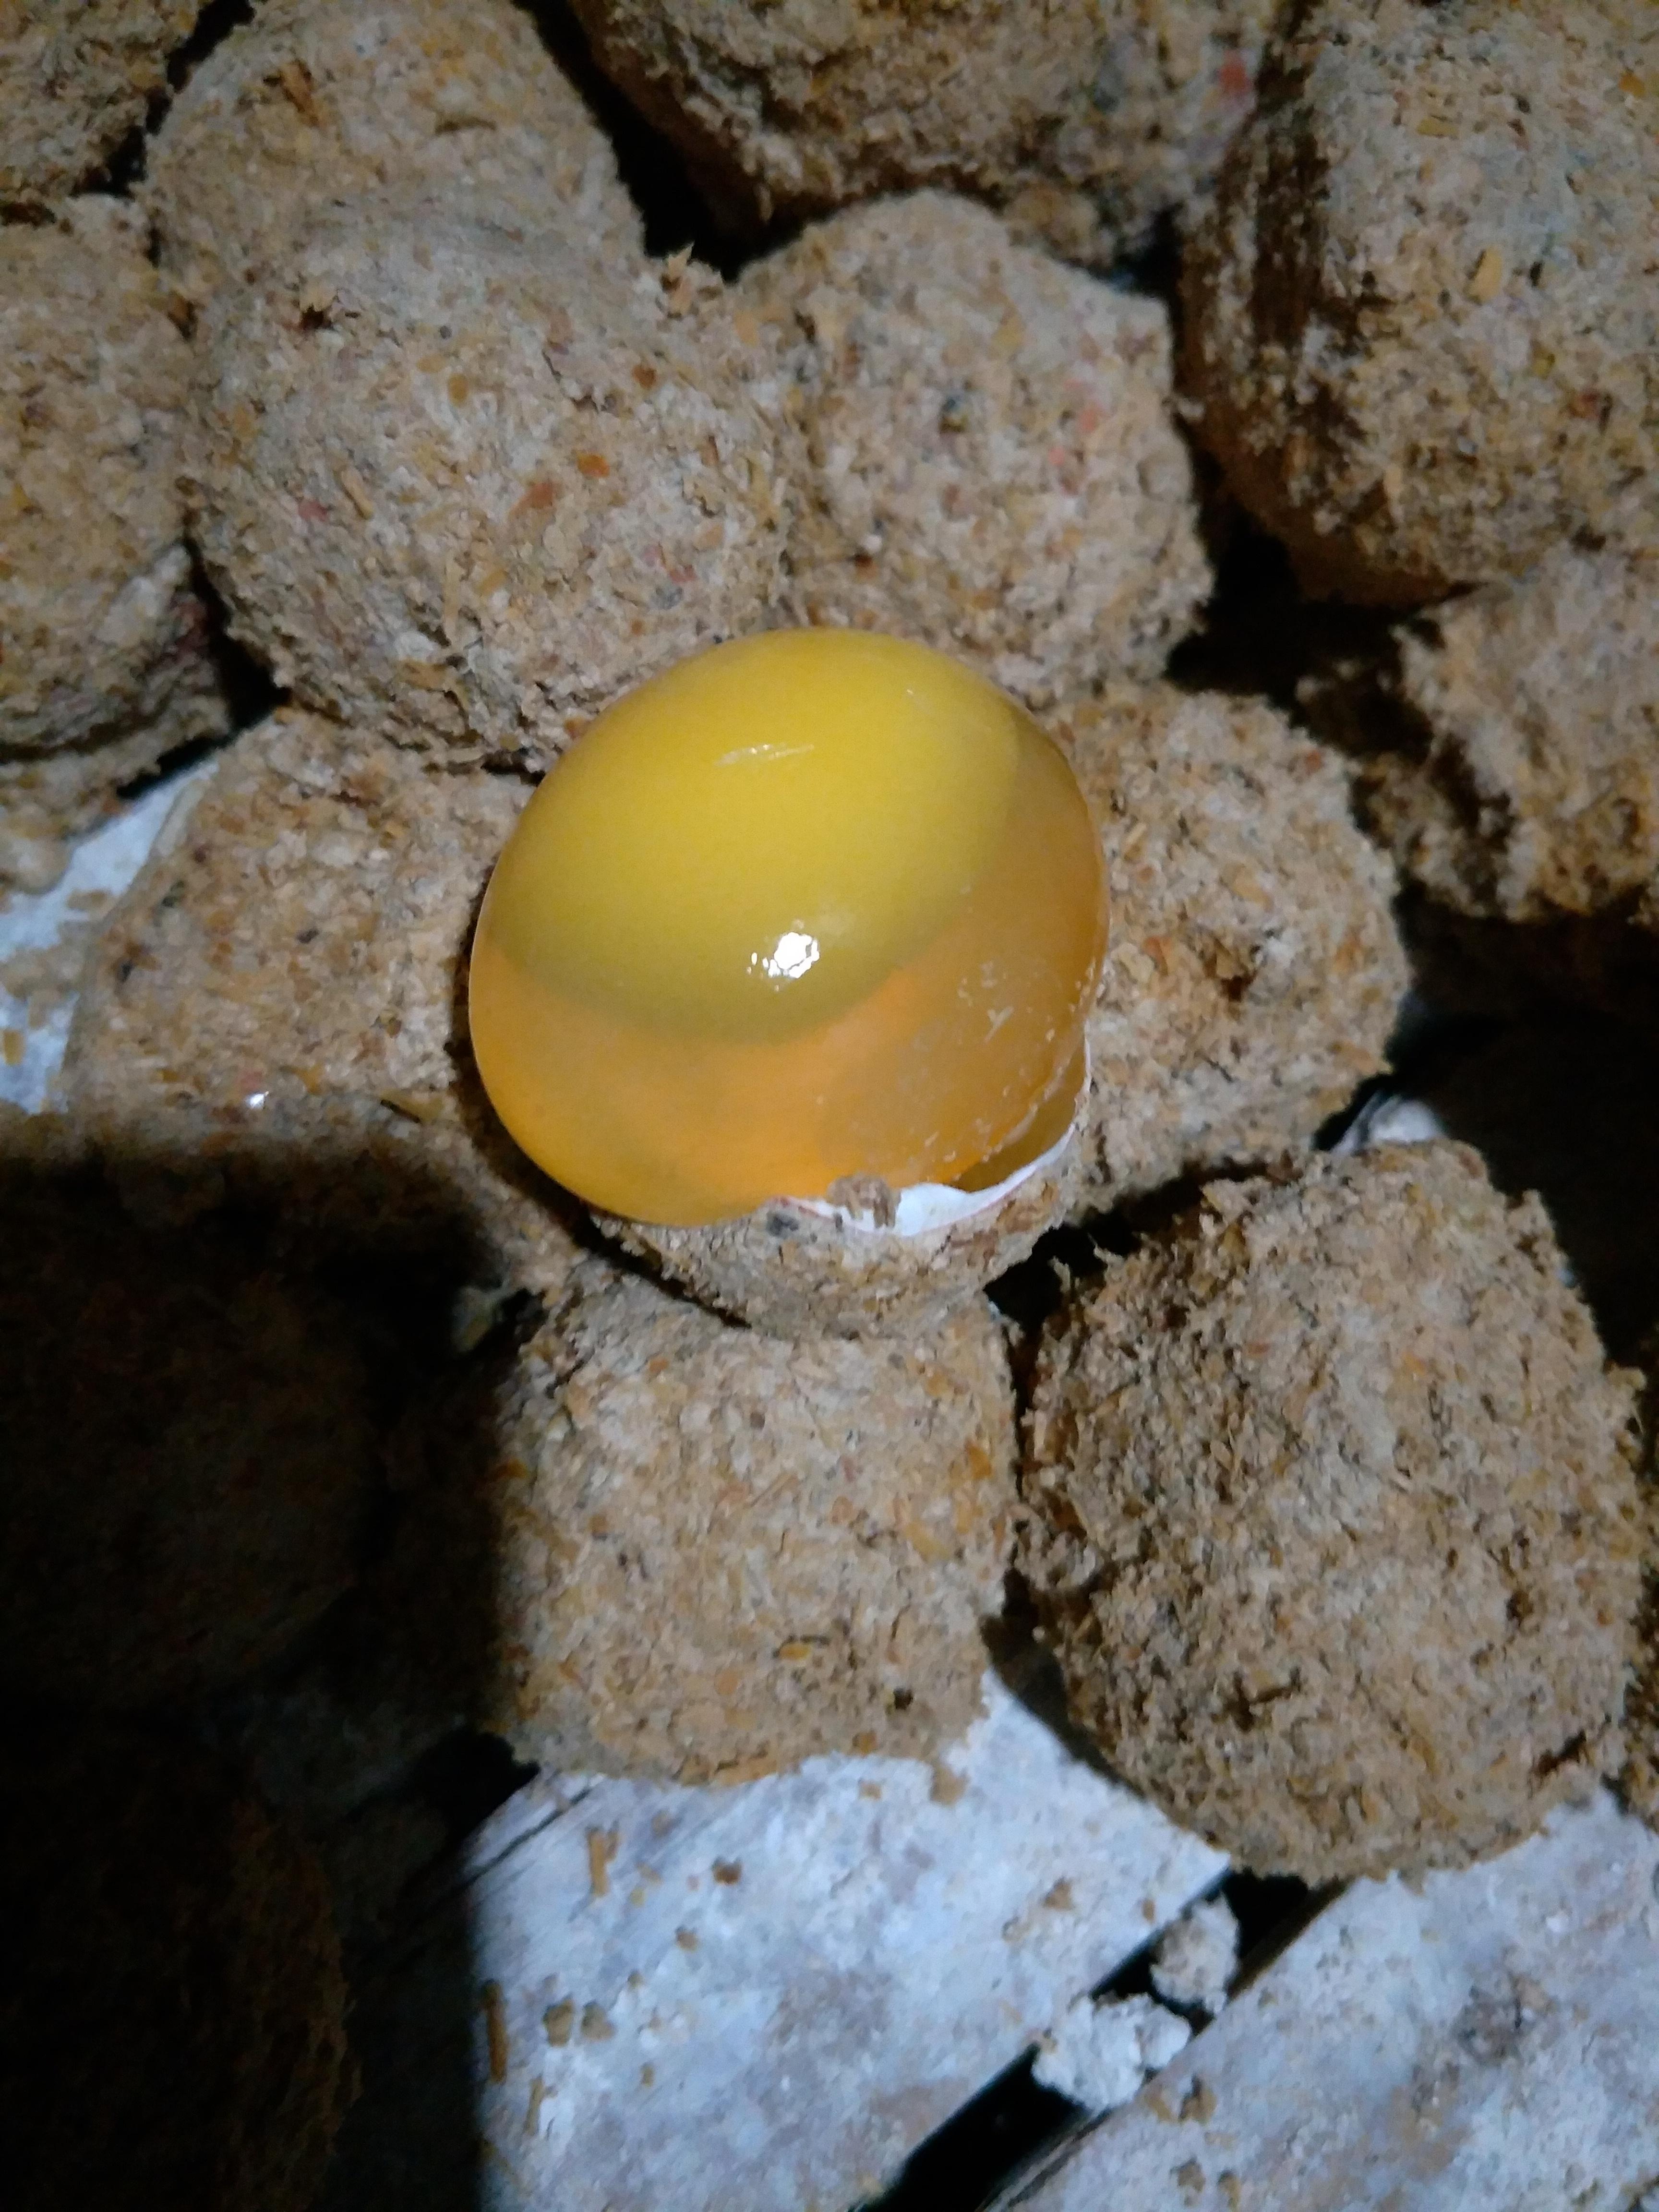 [松花鸡蛋批发]松花鸡蛋价格0.5元/个